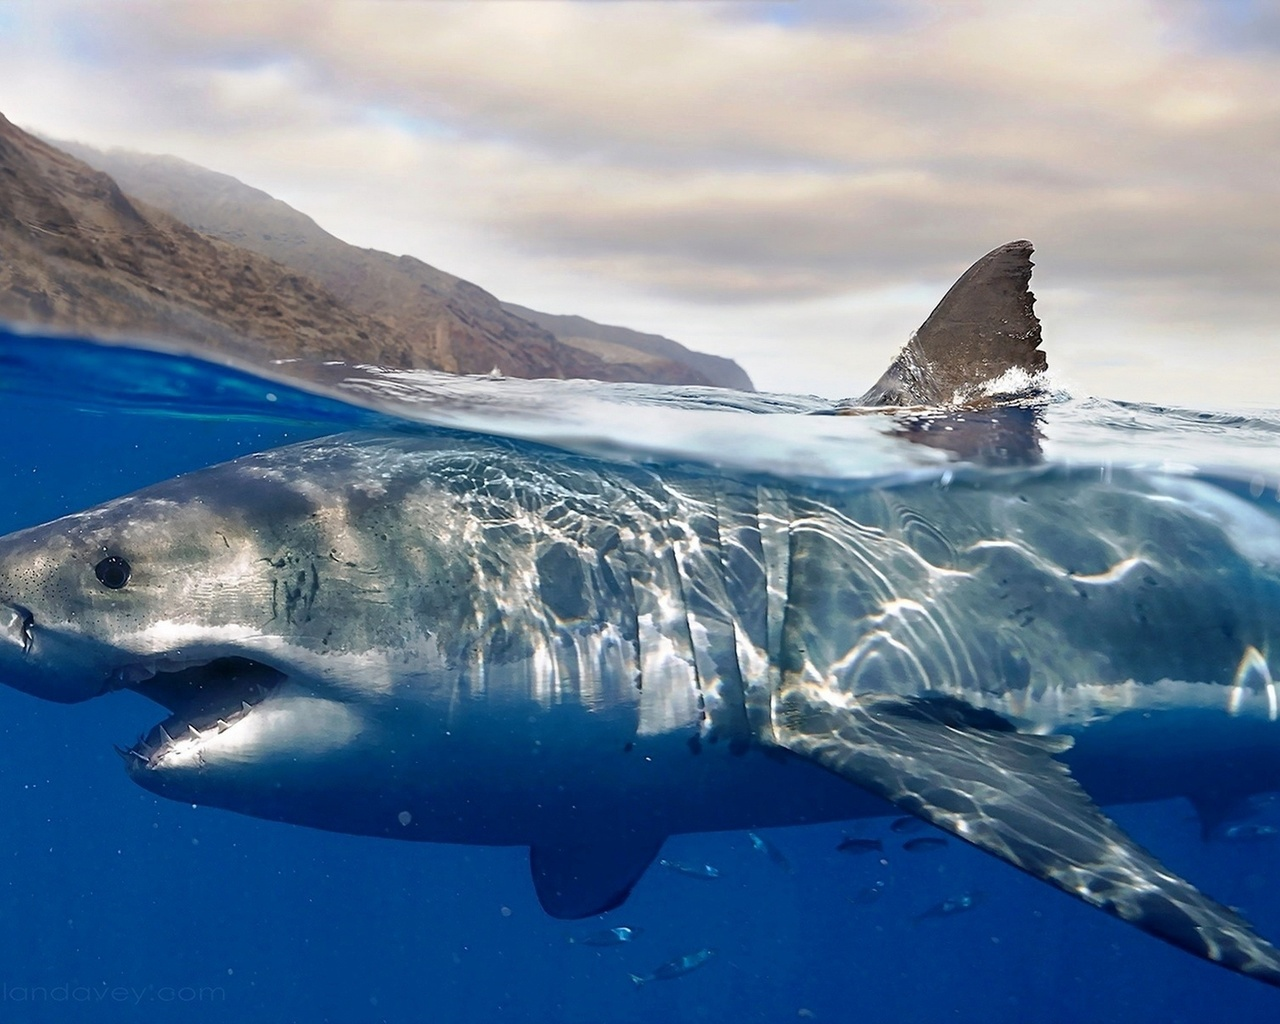 картинки акул на поверхности океана свои